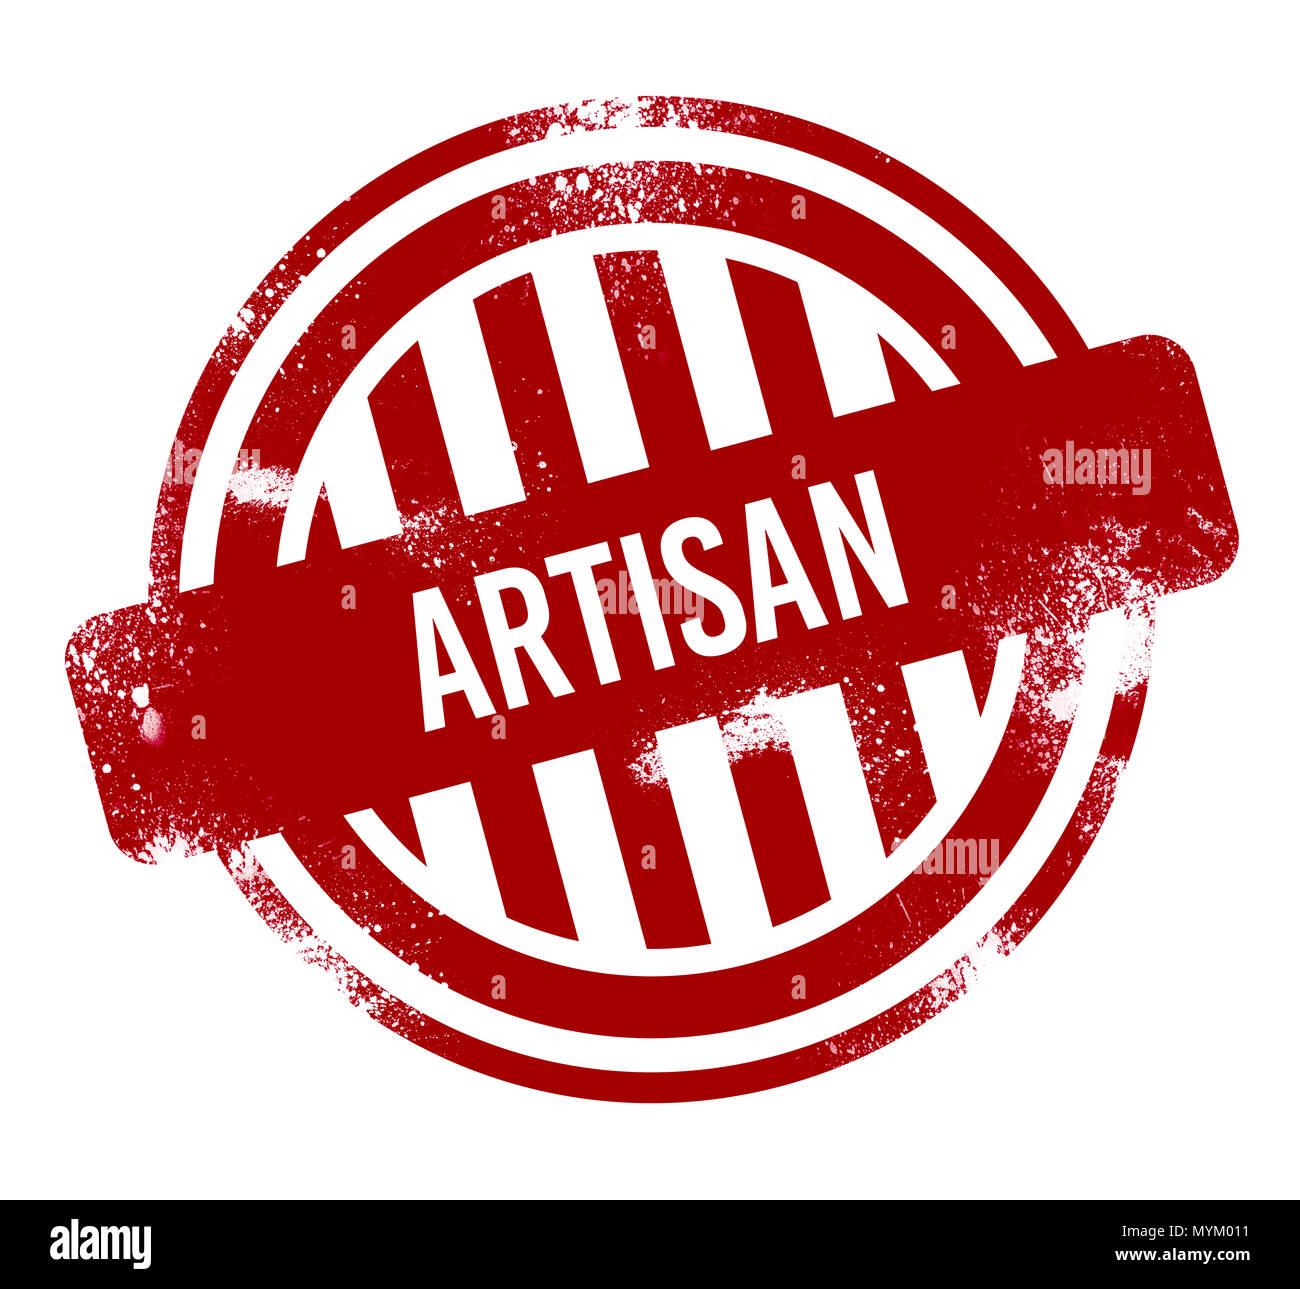 Artisan - red grunge button, stamp - Stock Image